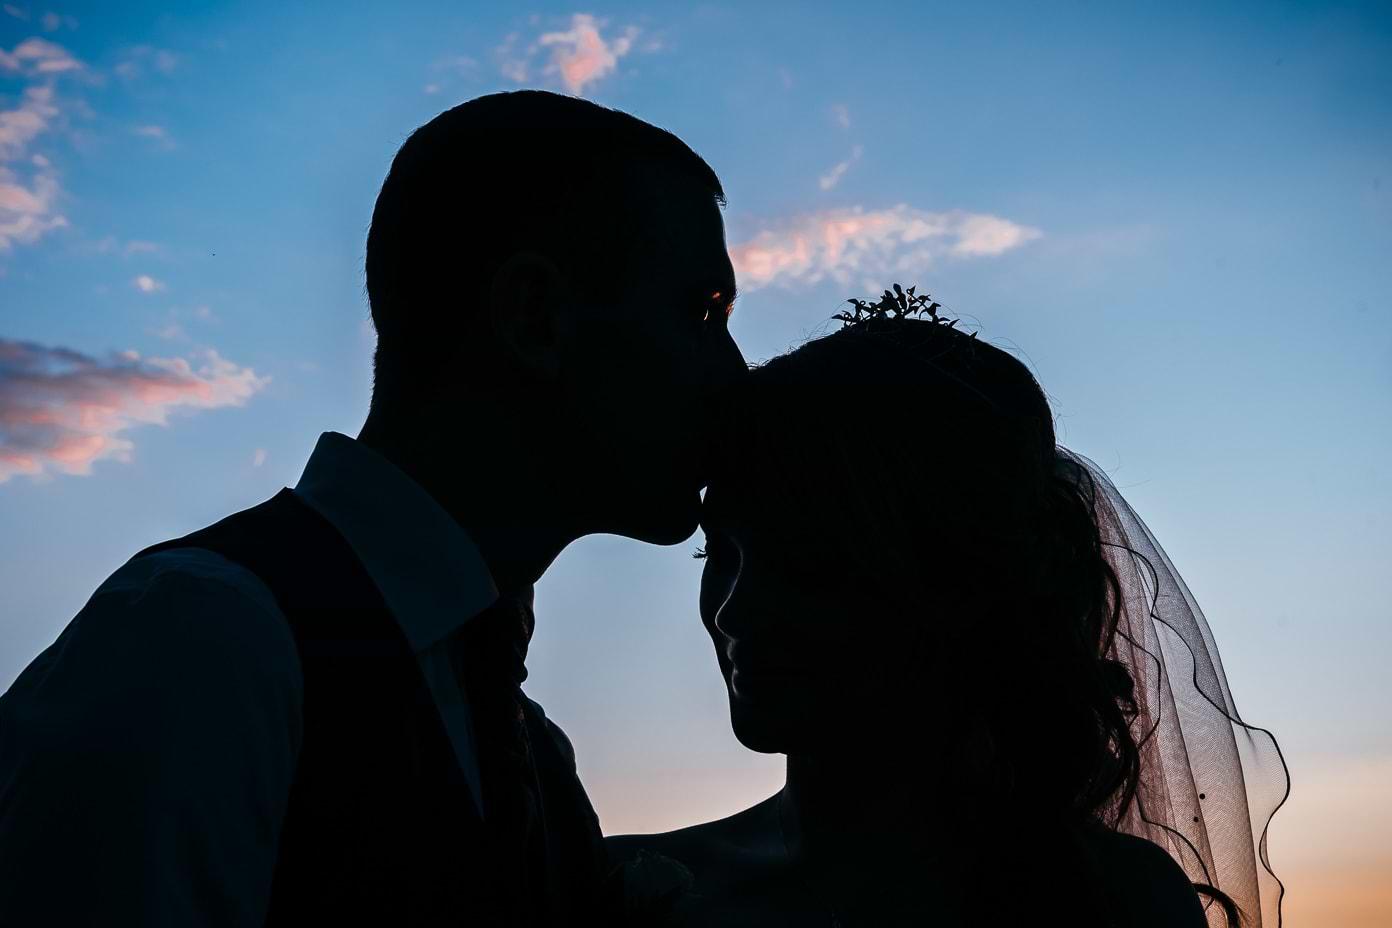 Silhouette des Brautpaares